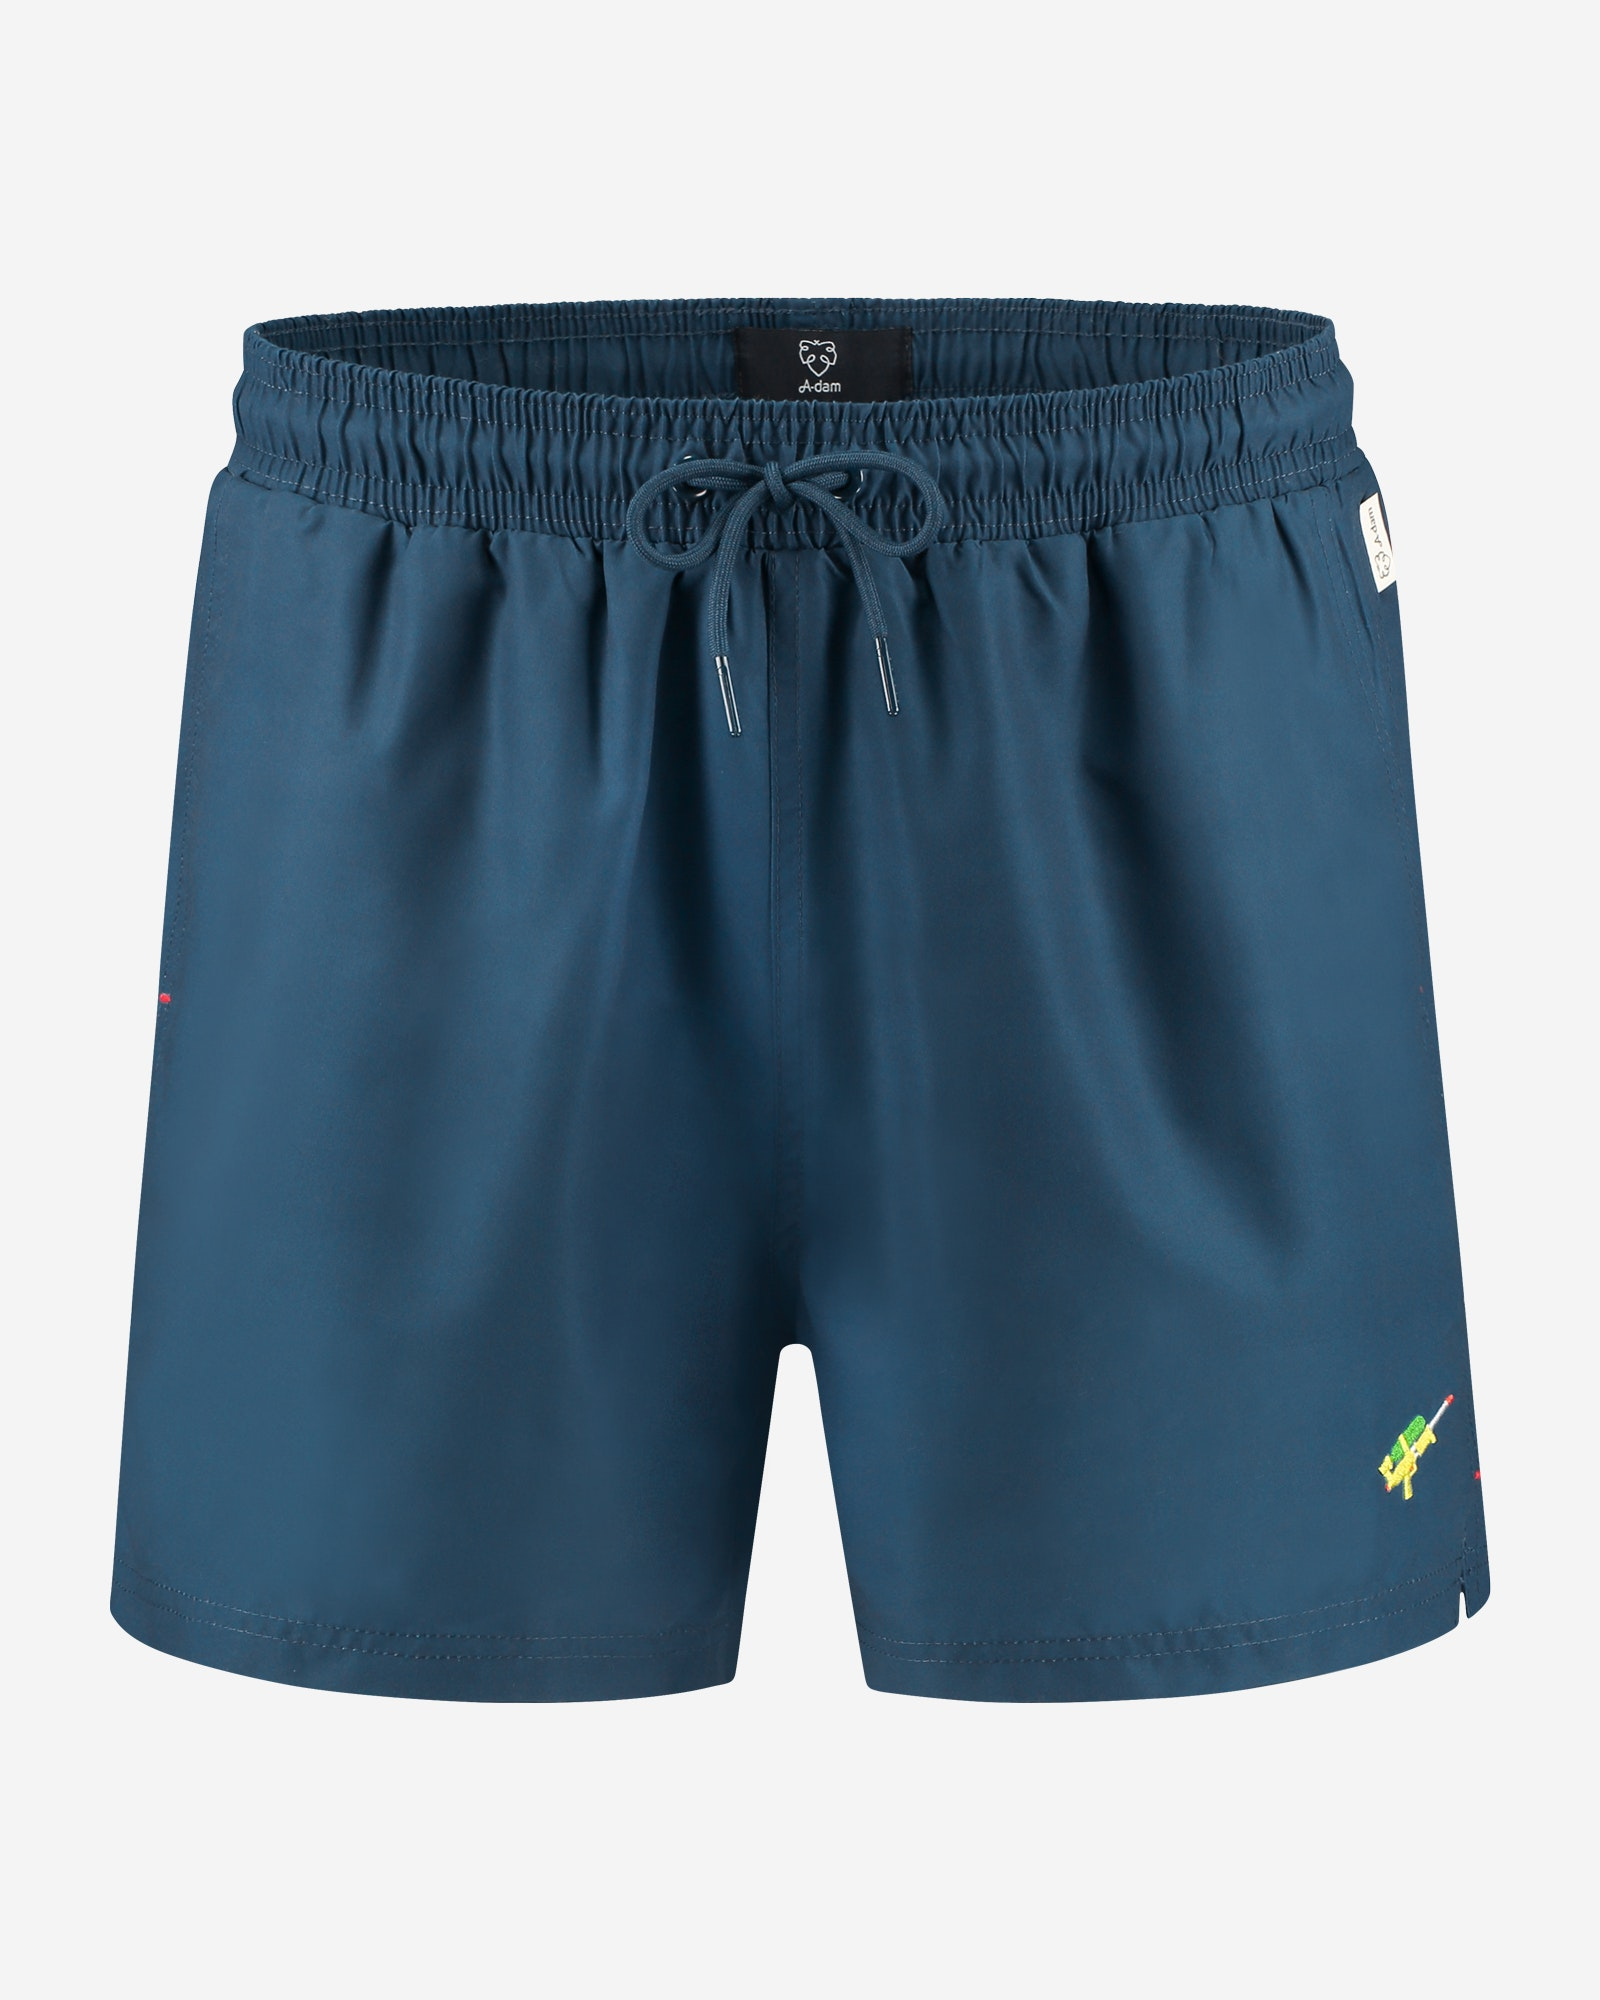 A-Dam Swimwear Bastiaan